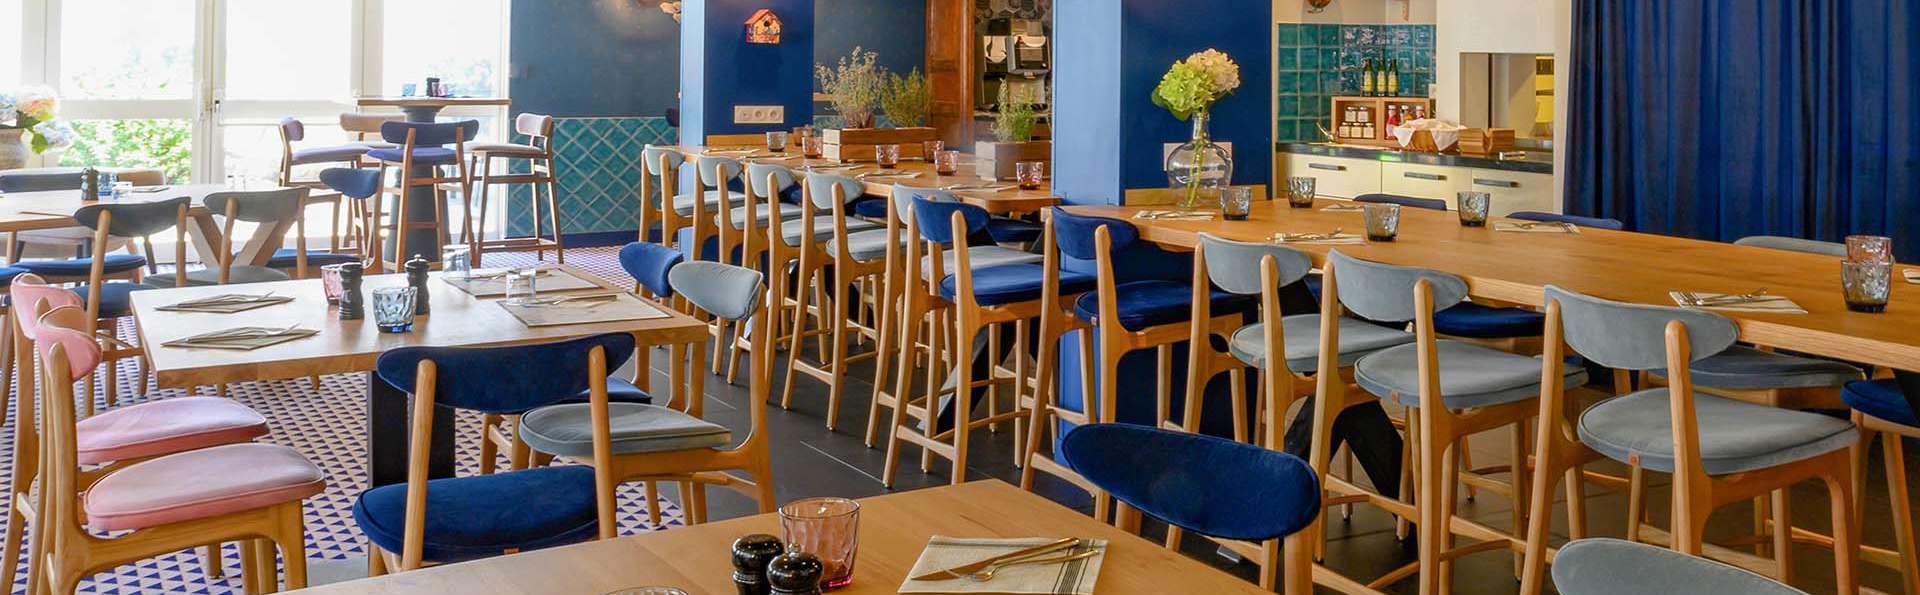 Séjour avec dîner à Orléans